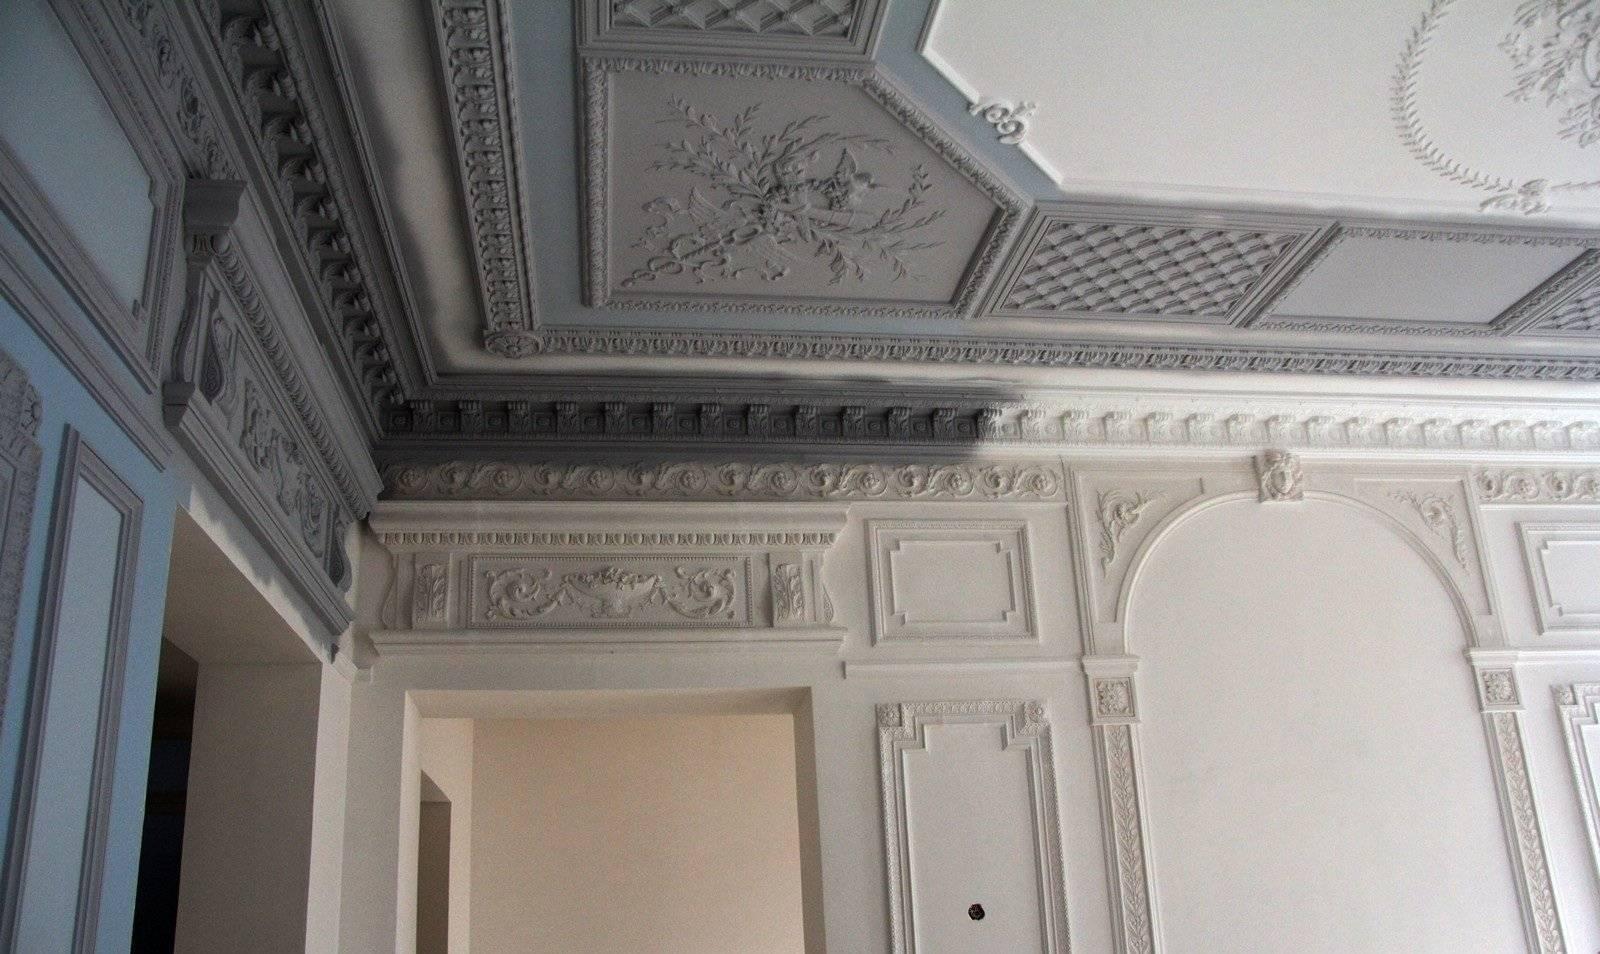 Лепнина на стенах – фото изысканной ручной работы, 105 фото украшения стен и потолков